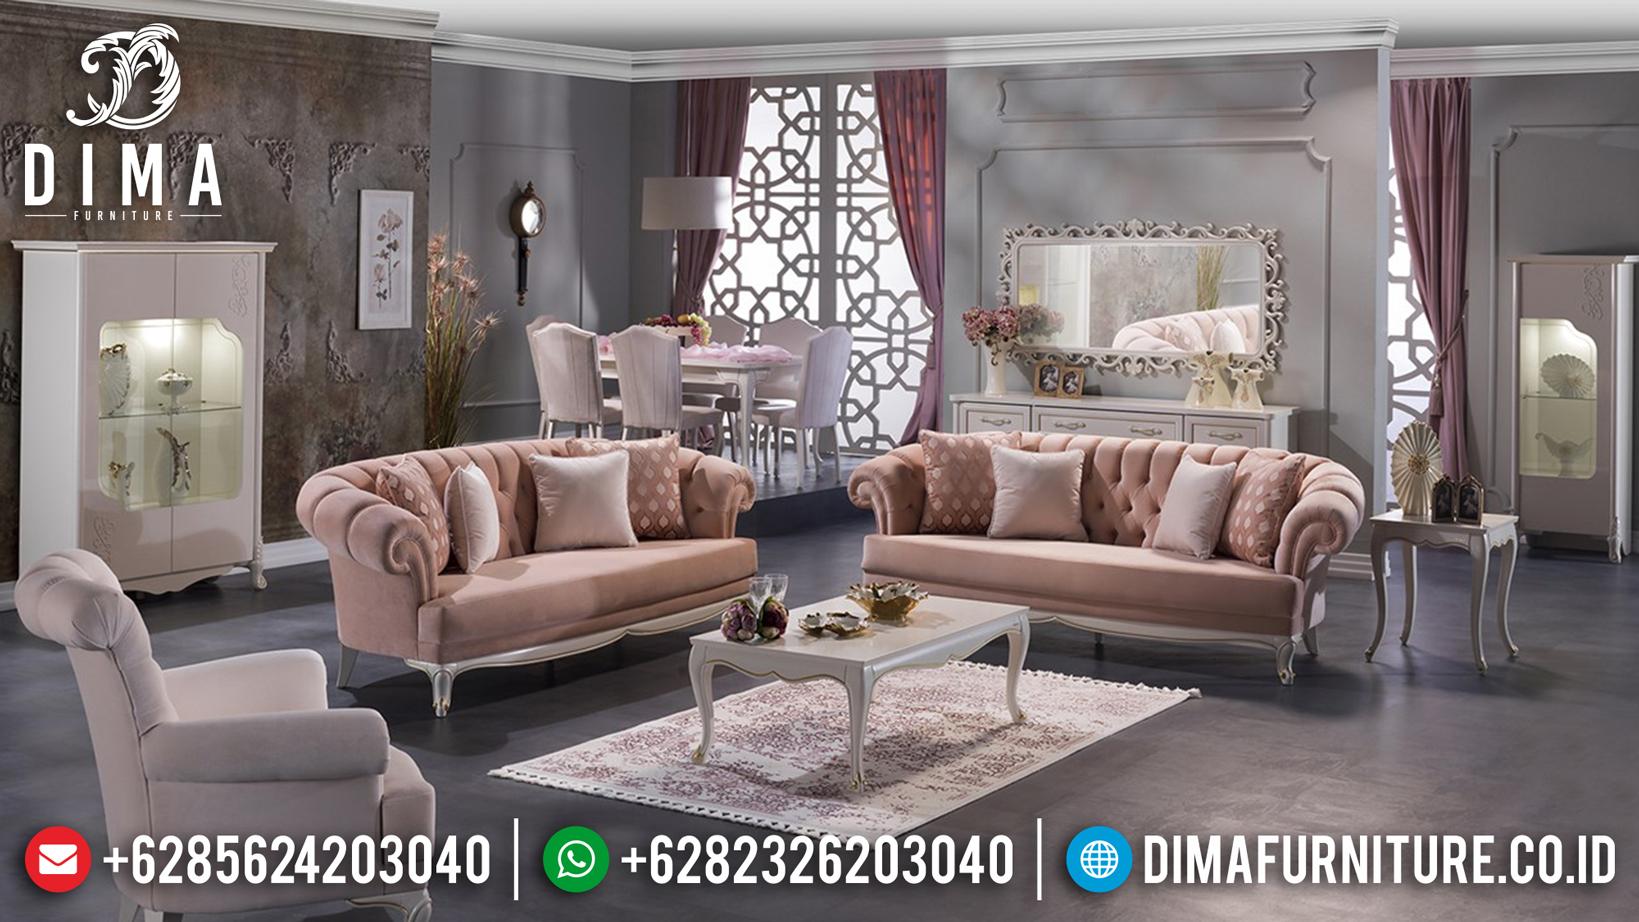 Set Sofa Tamu Minimalis Jepara Harga Murah Berkualitas Terbaru DF-0749 Gambar 1